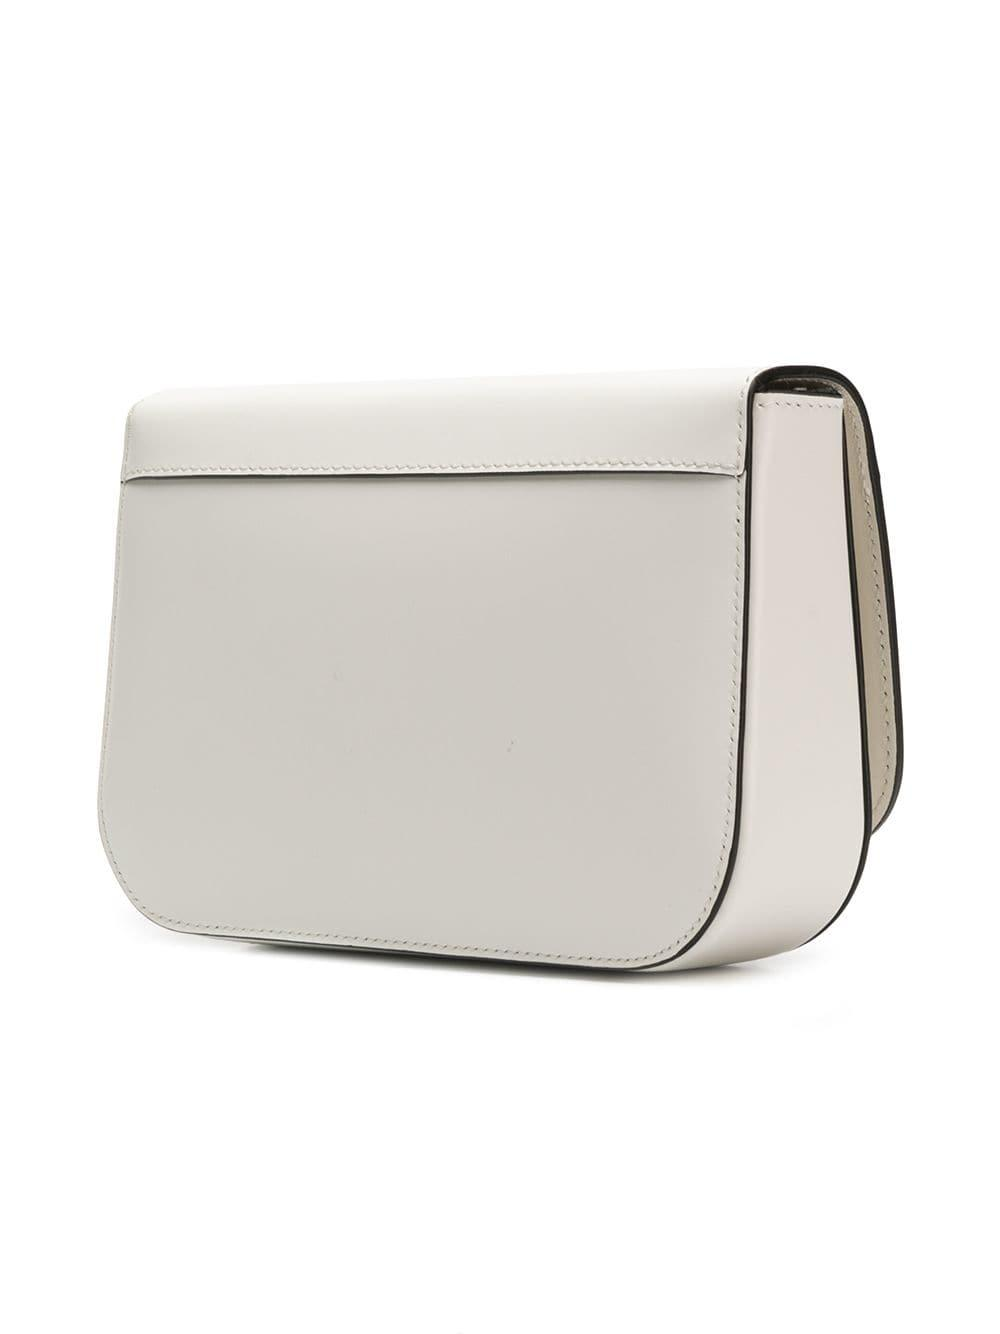 93e03e115ad4 Lyst - Prada Plaque-embellished Shoulder Bag in White